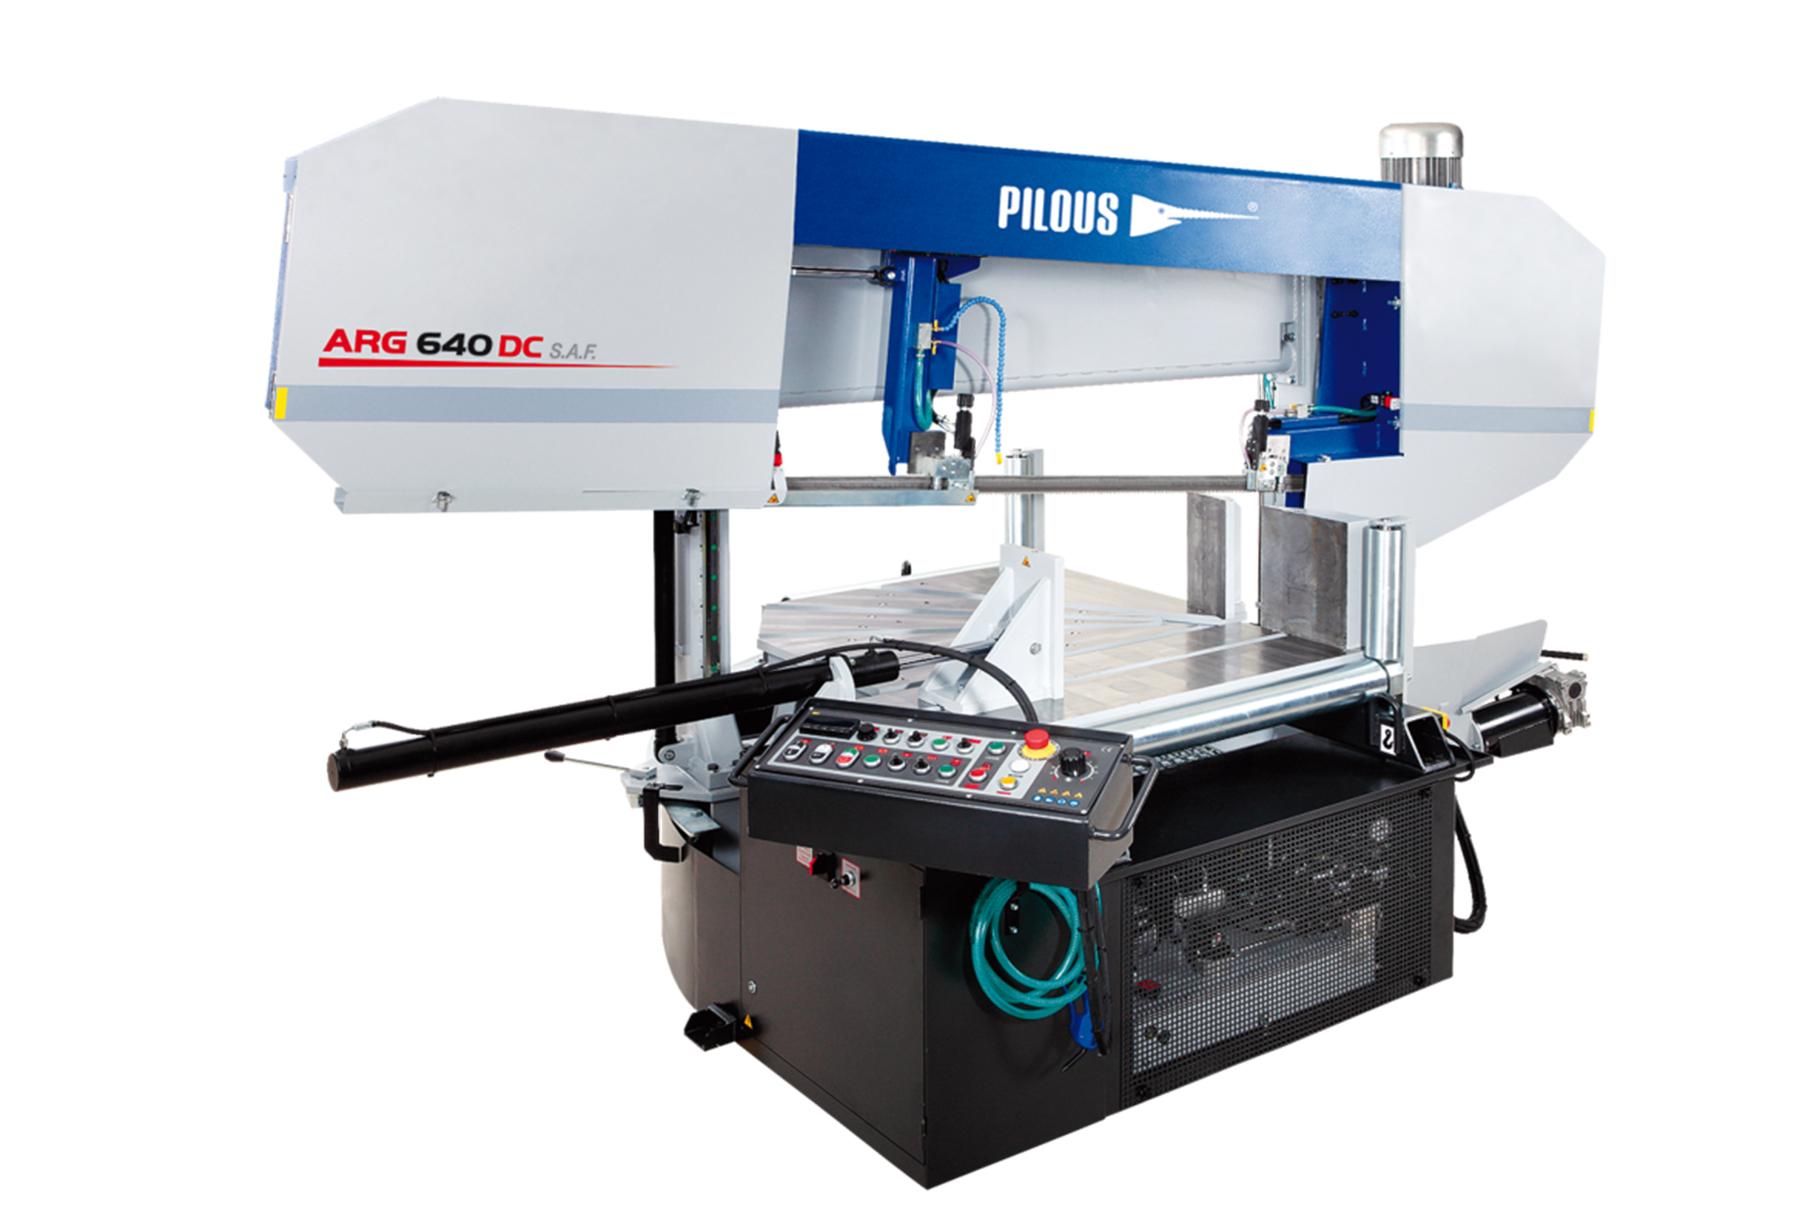 ARG 640 DCT S.A.F.